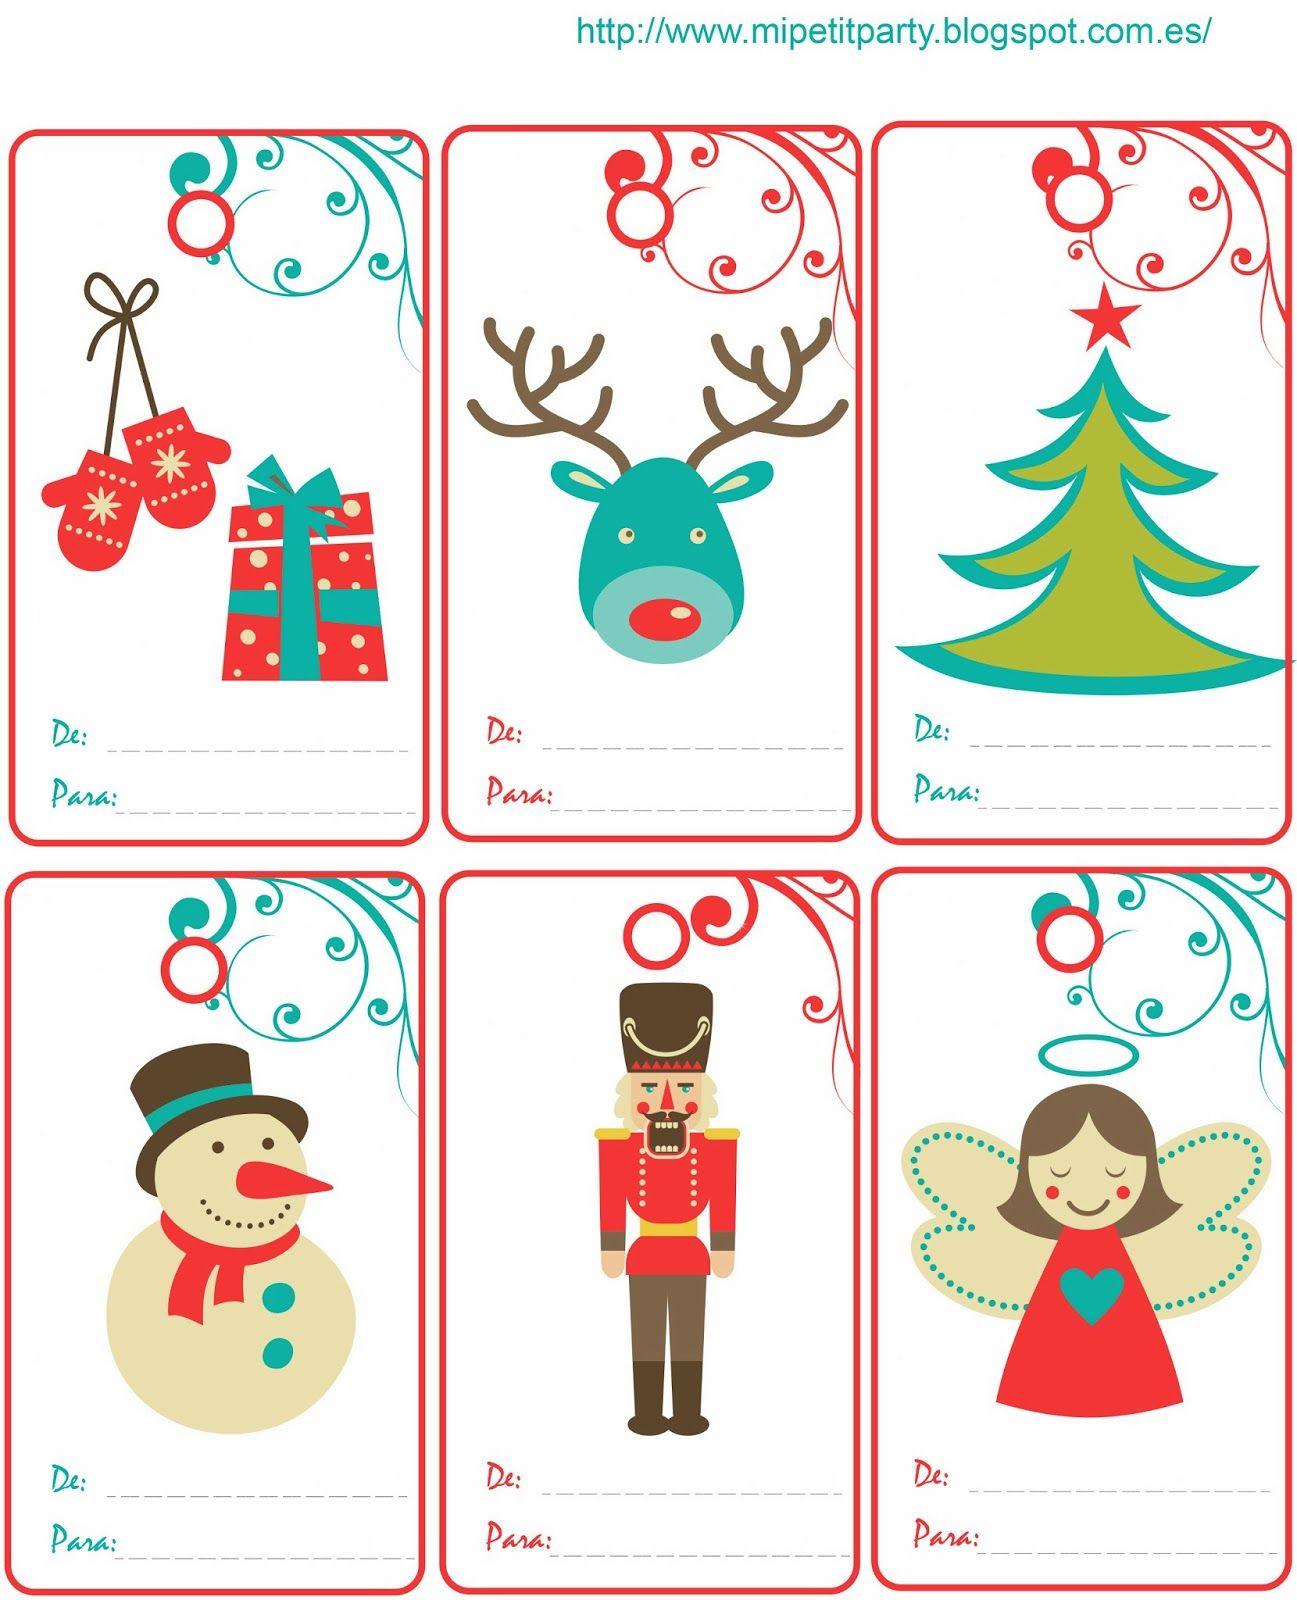 Hola a todos estamos en una de las pocas mas bonitas del - Tarjetas de navidad faciles ...